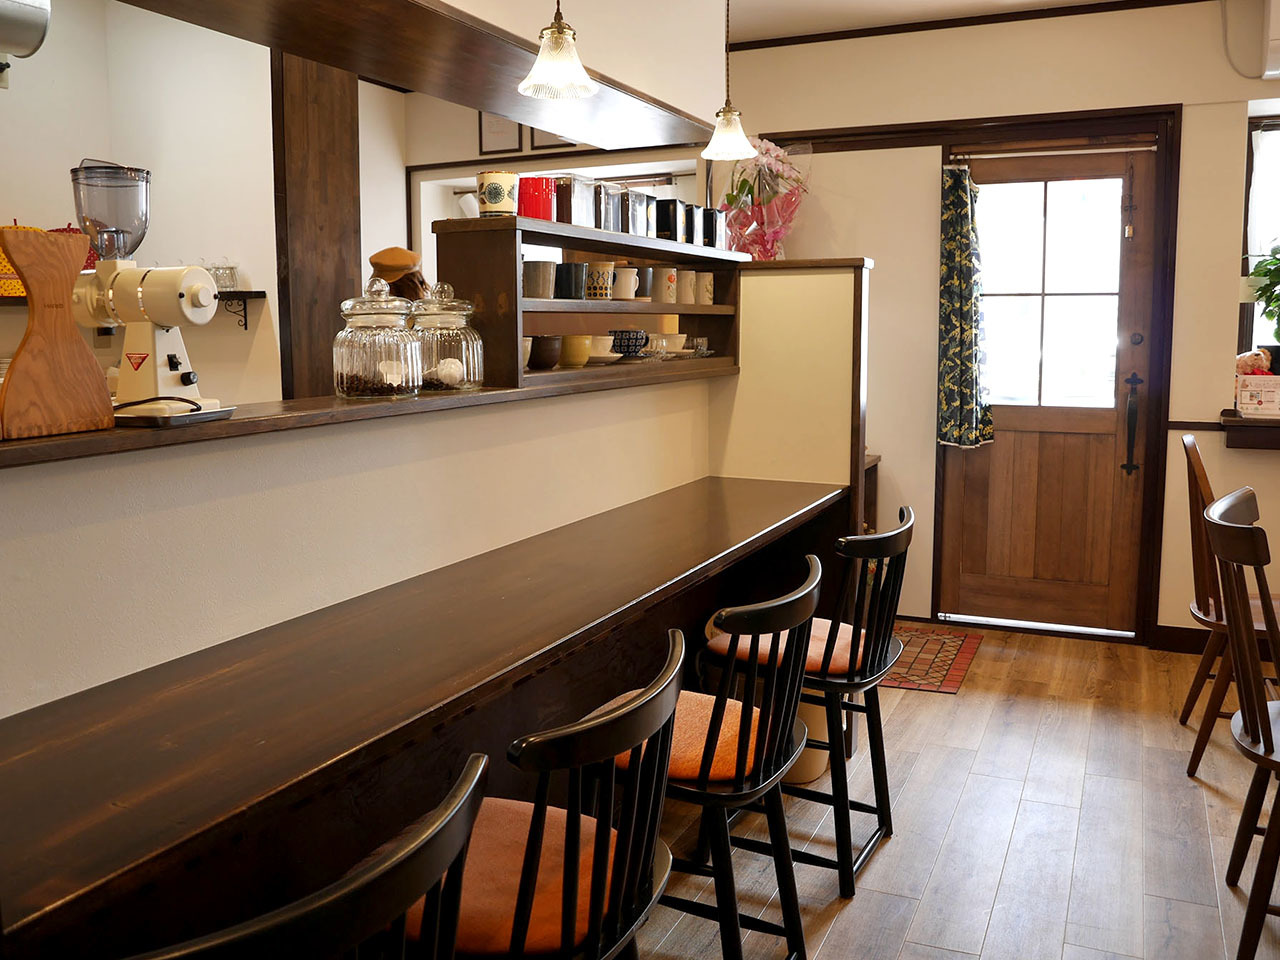 明石市荷山町|「おやつcafe Nico+」さん 2020年4月15日オープン!_a0129705_03054717.jpg